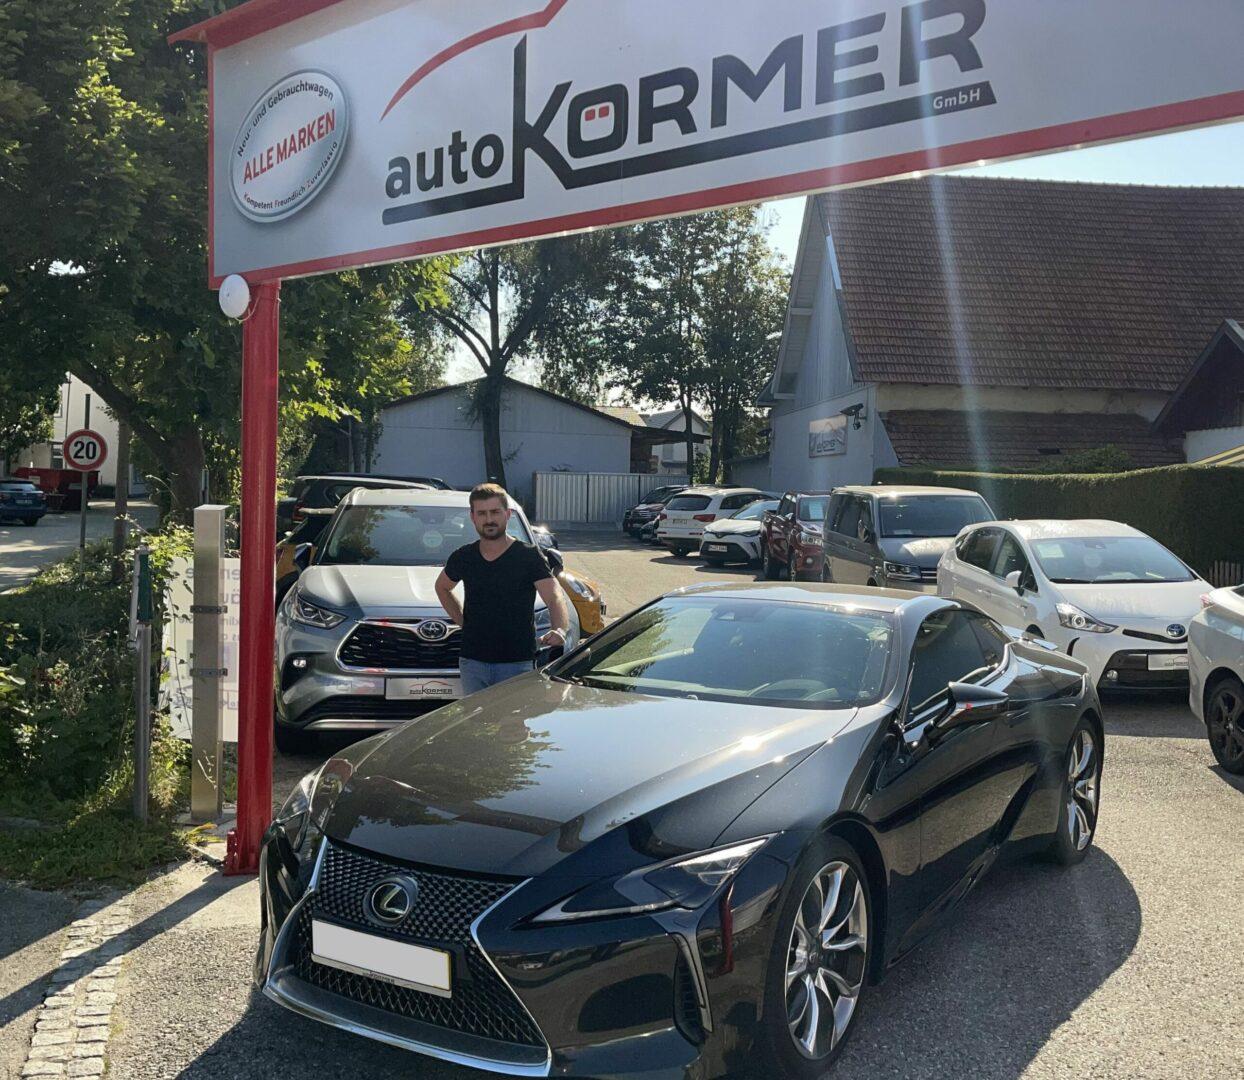 Wir gratulieren Herrn Burian zu seinem neuen Lexus LC 500.